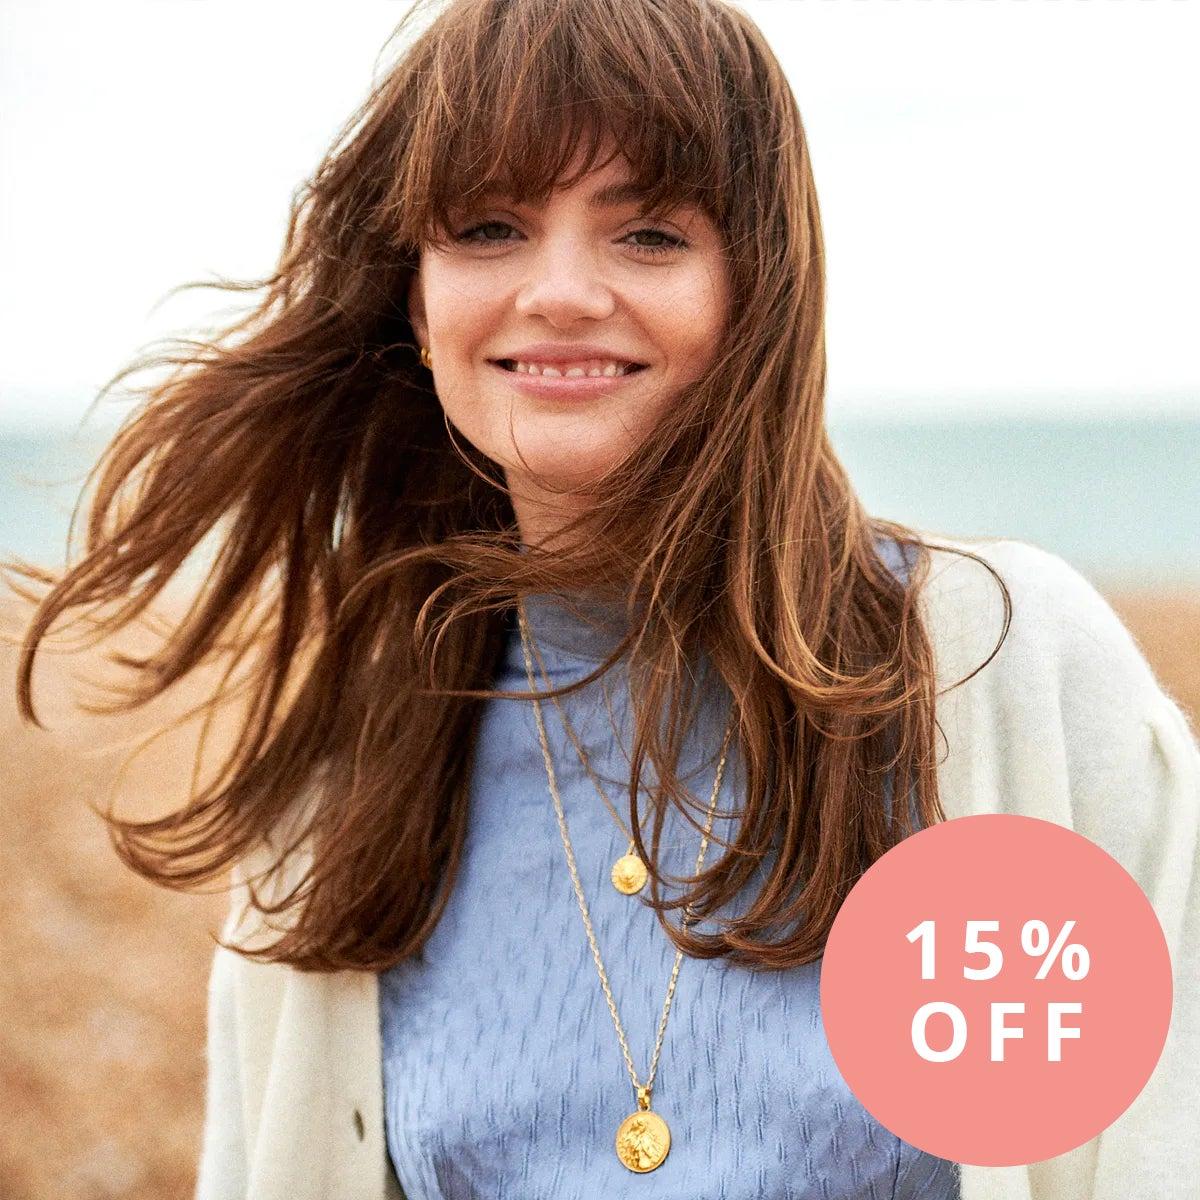 15% OFF Rachel Jackson London